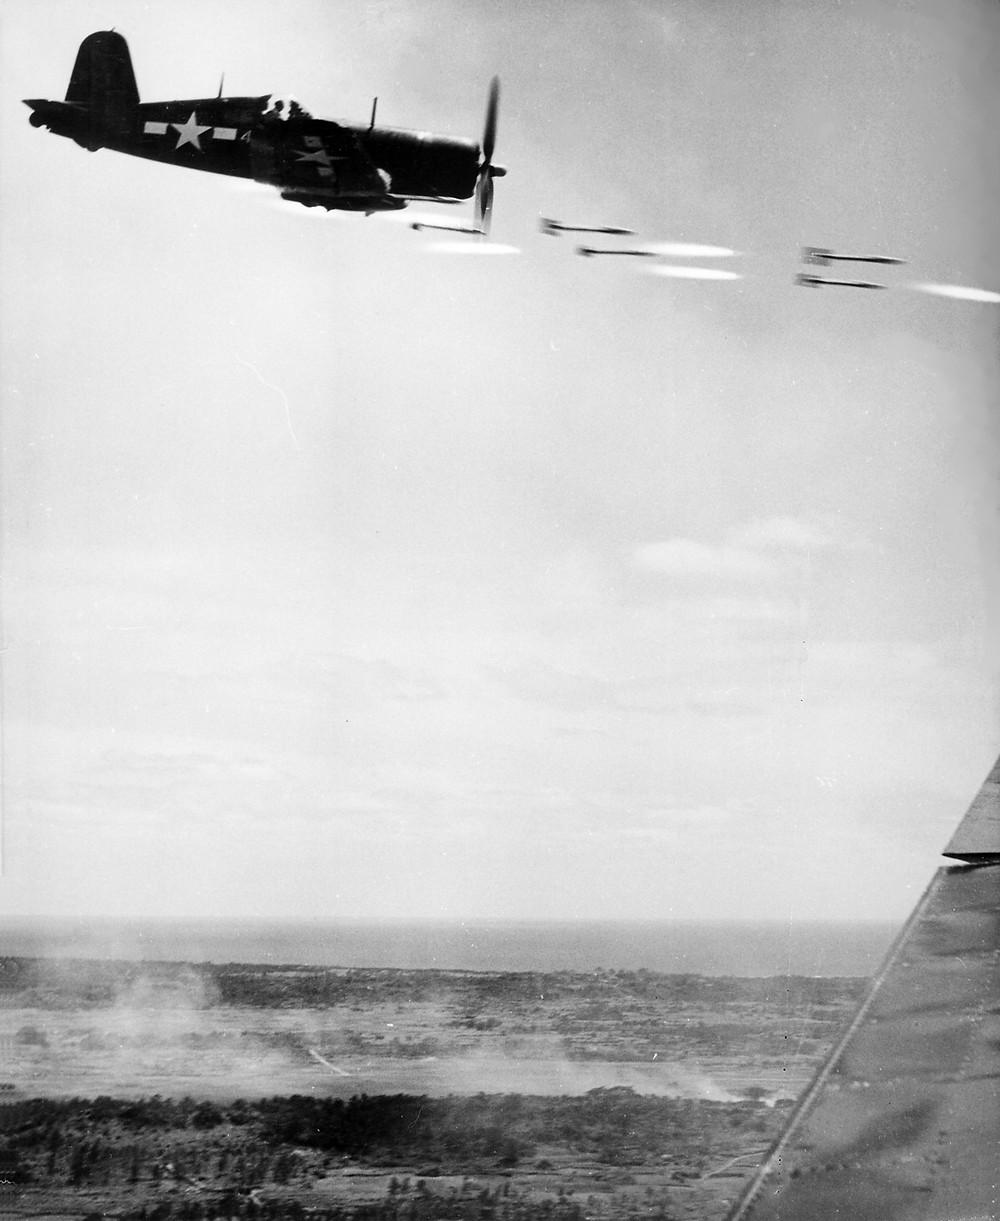 一架美國海軍F4U海盜式戰鬥機發射空對地火箭以支援沖繩島上的軍隊